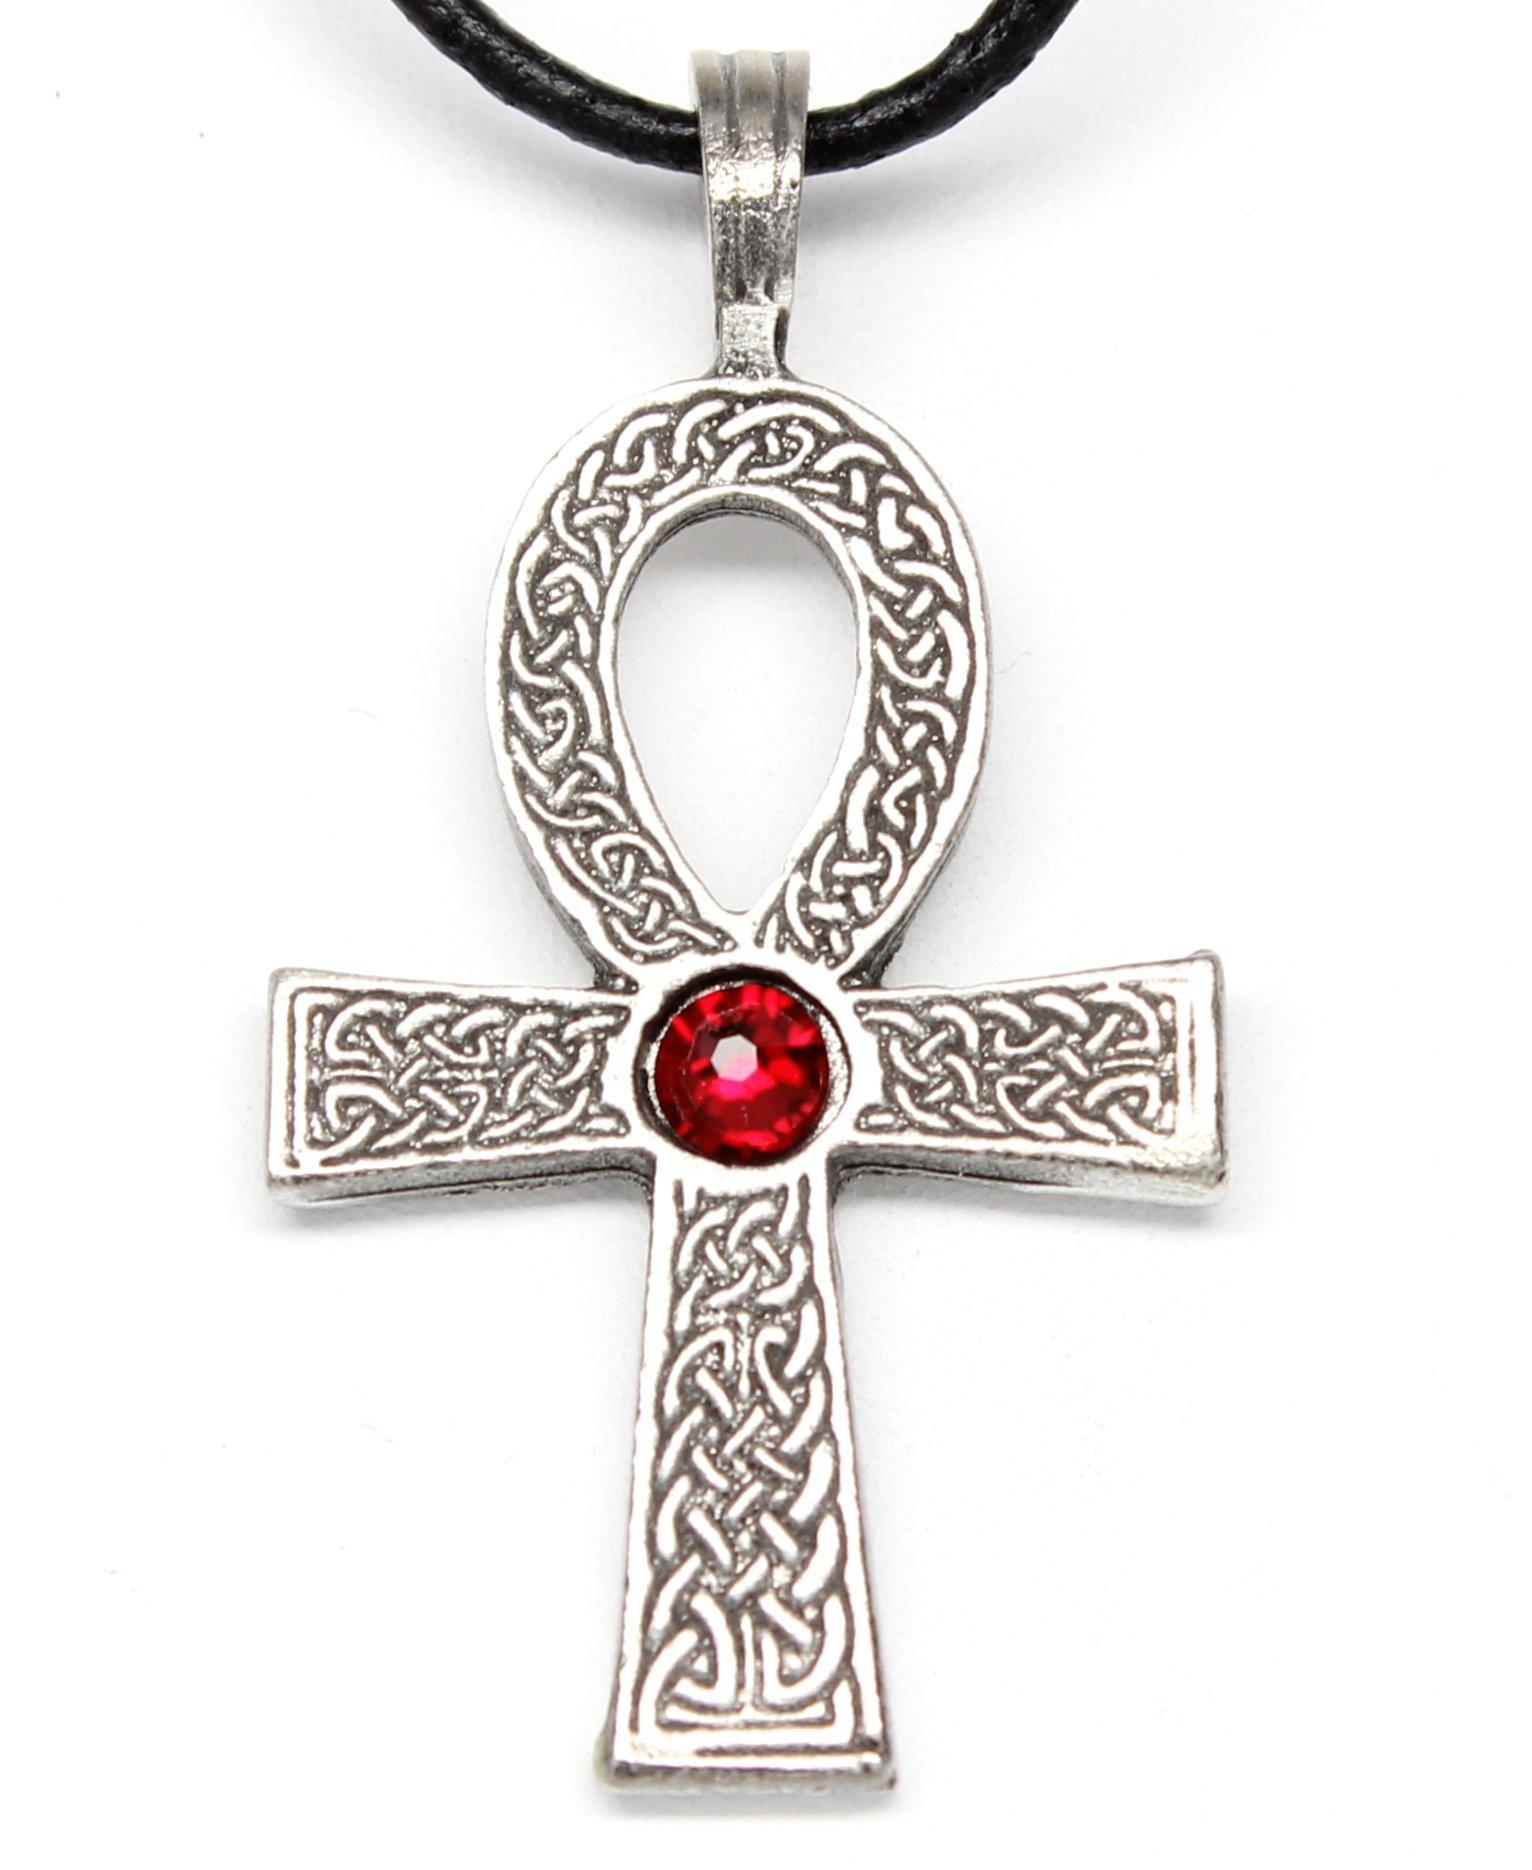 BestPysanky Aquamarine Enamel Royal Egg Pendant Necklace 20 Inches